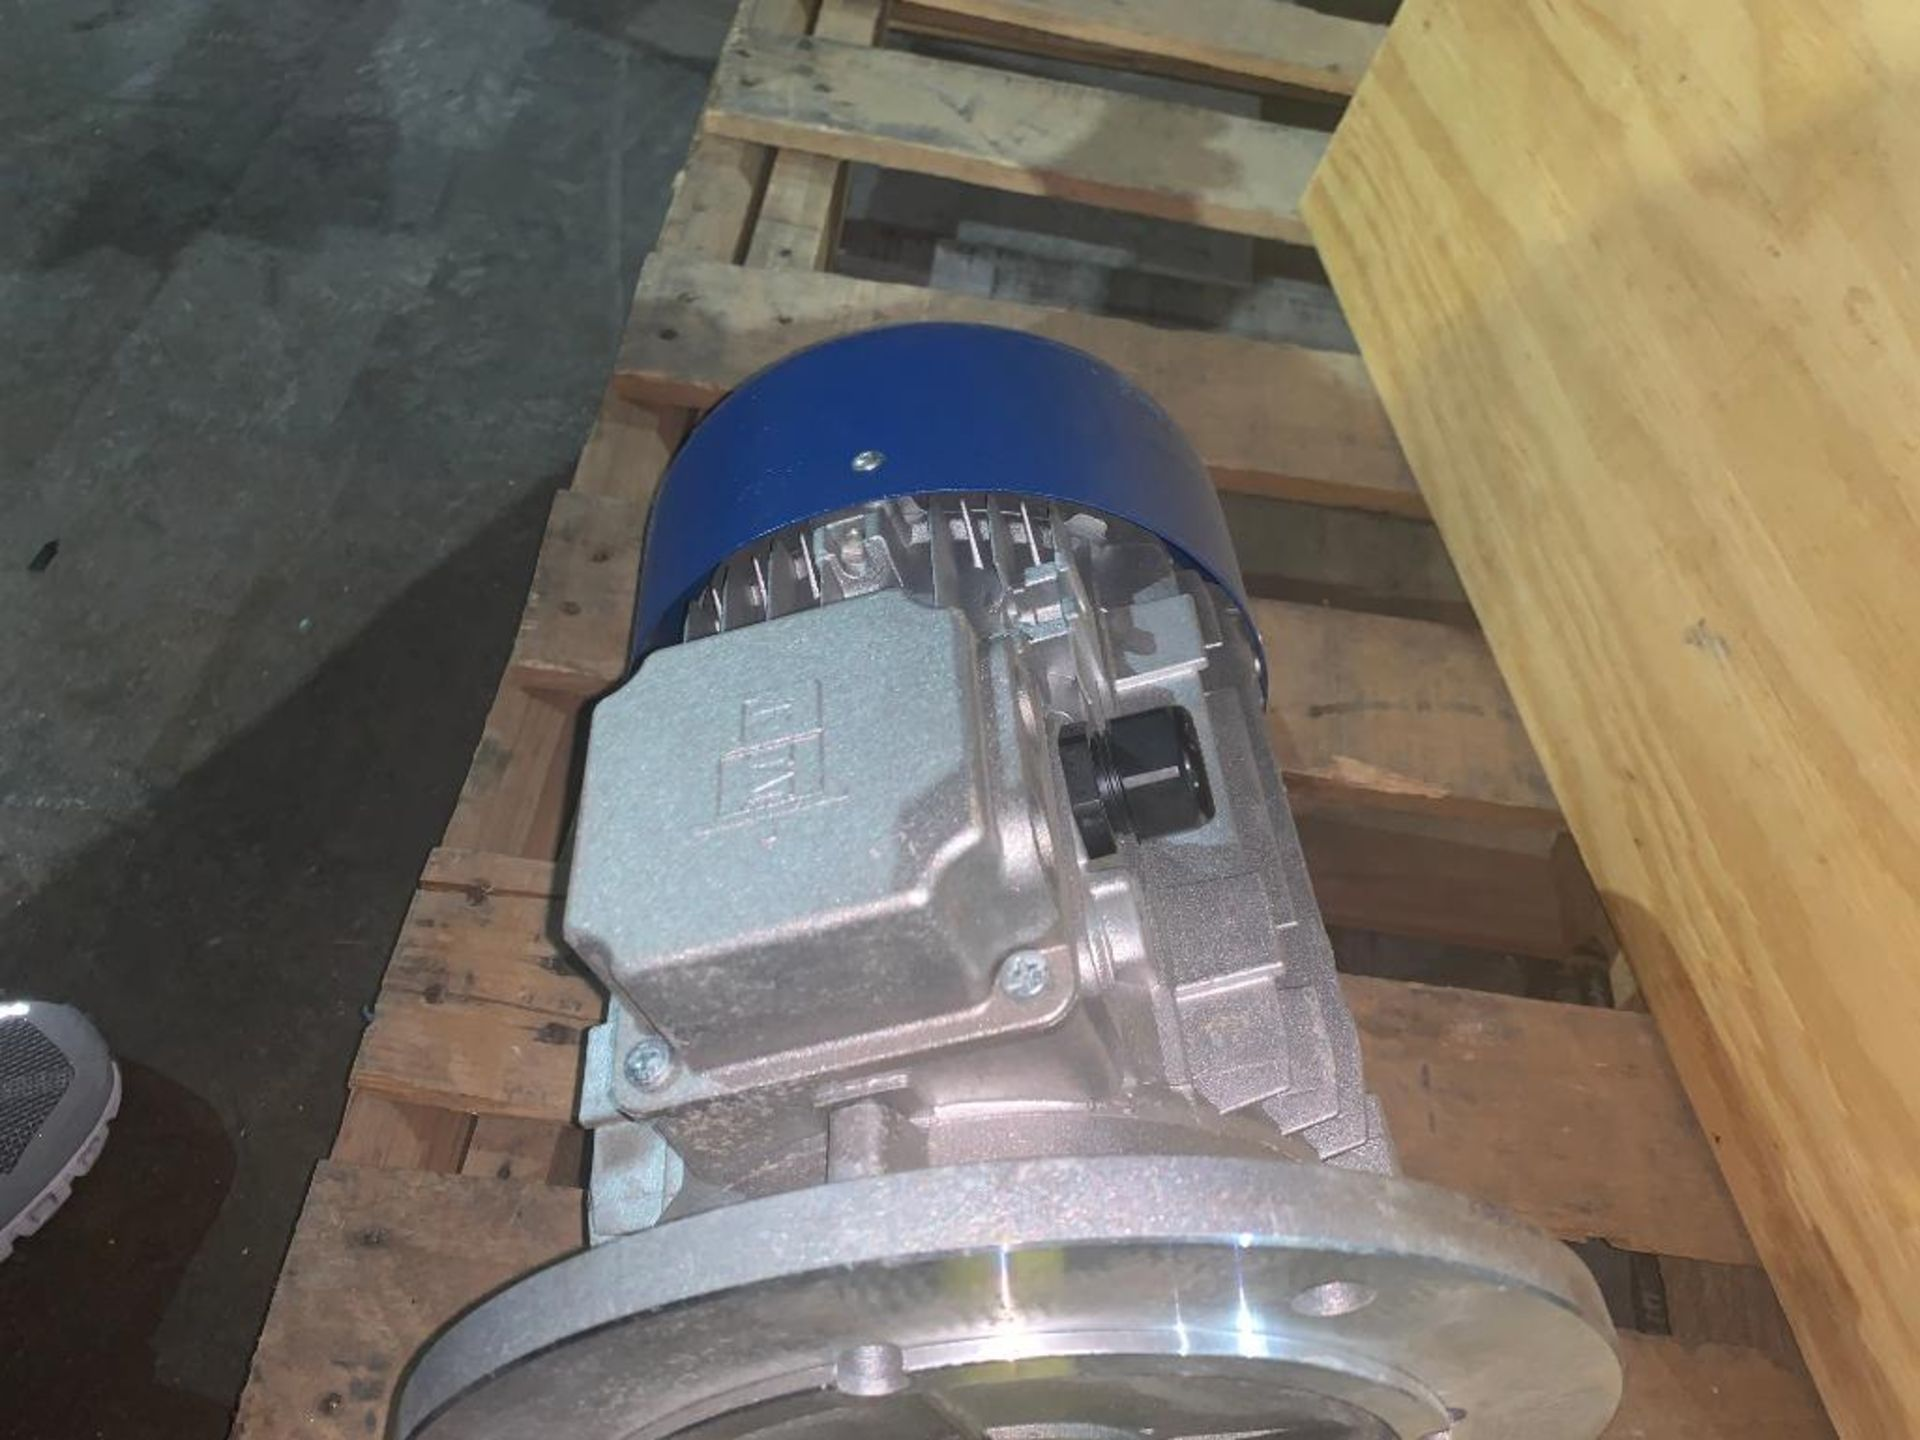 unused dual shaft motor - Image 4 of 4